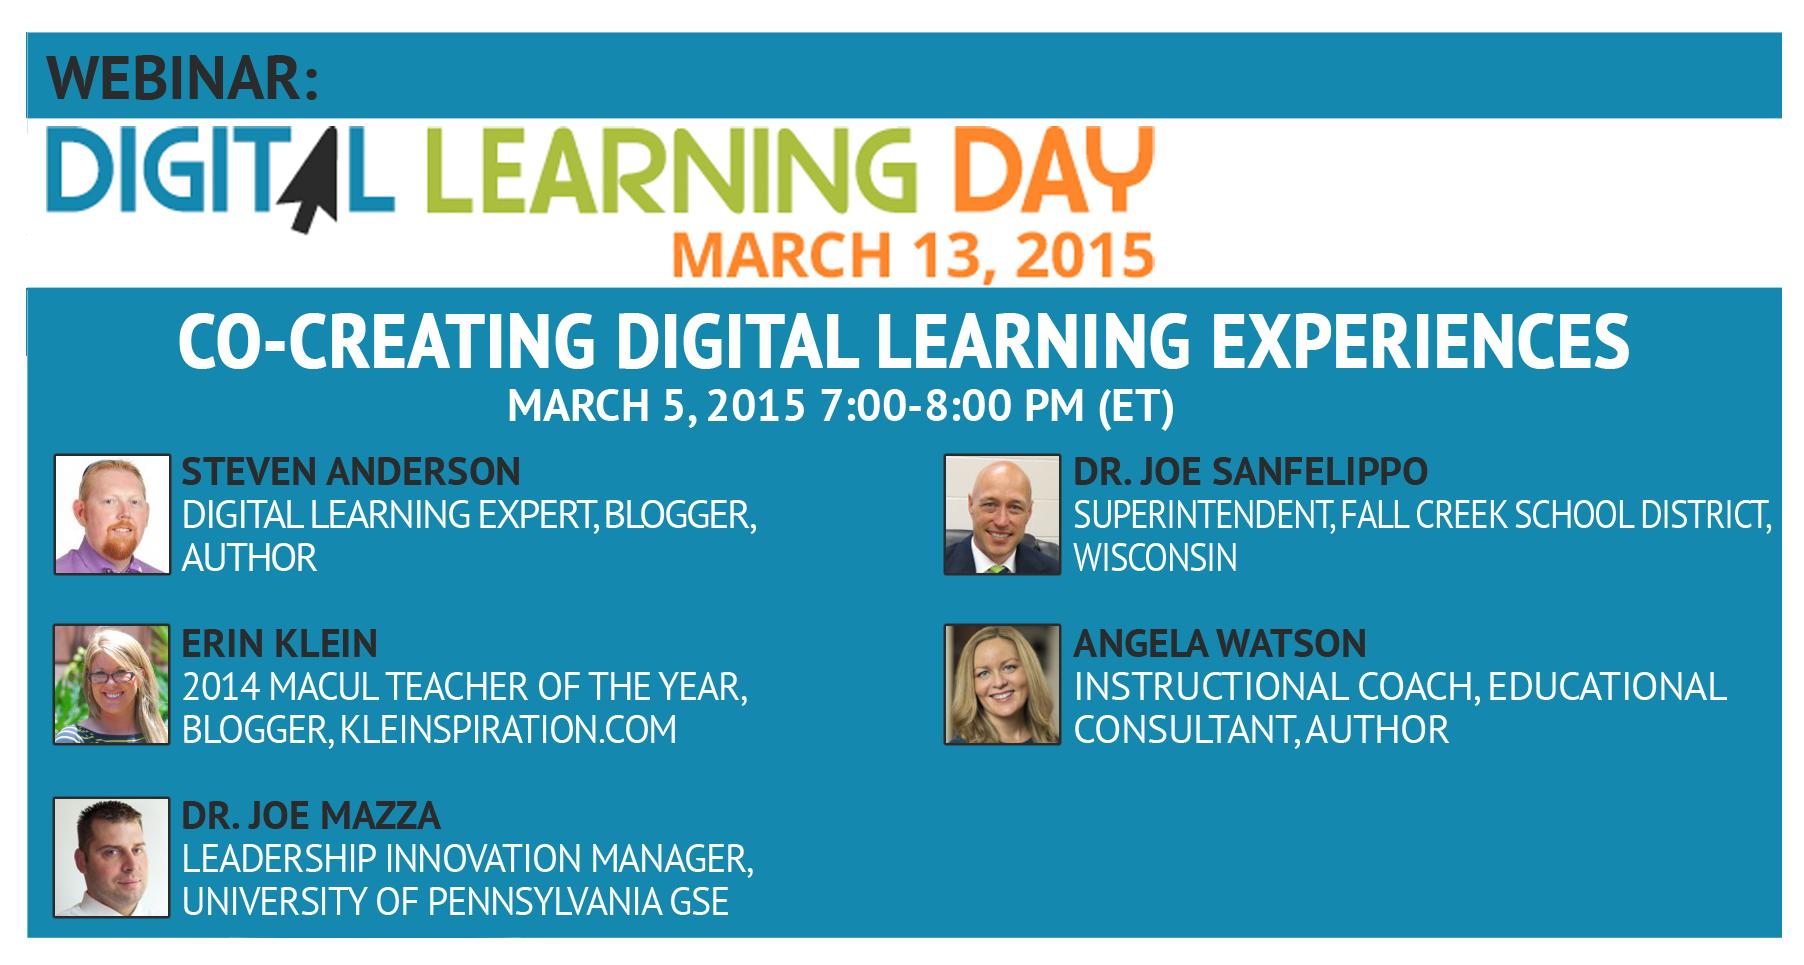 Digital Learning Day Webinar March 5, 2015